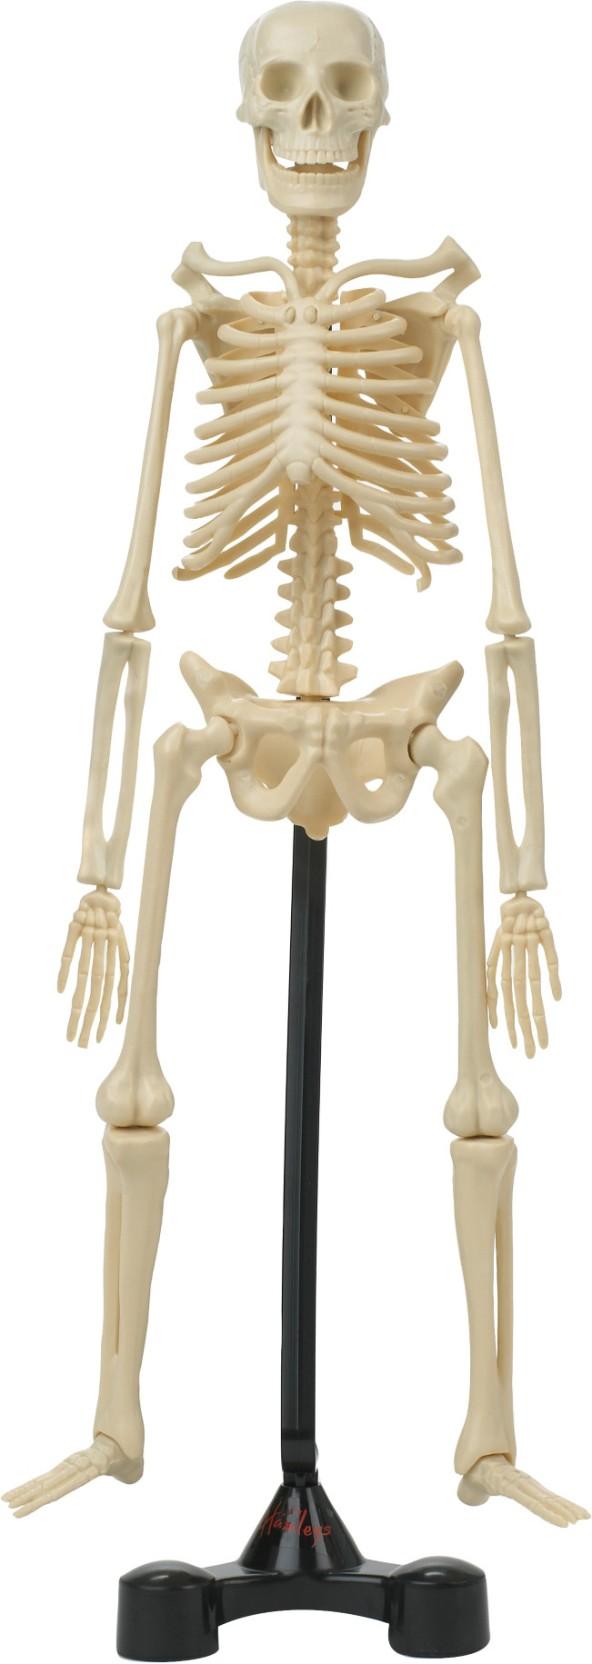 Hamleys Bones Skeleton Model Kit Price in India - Buy Hamleys Bones ...